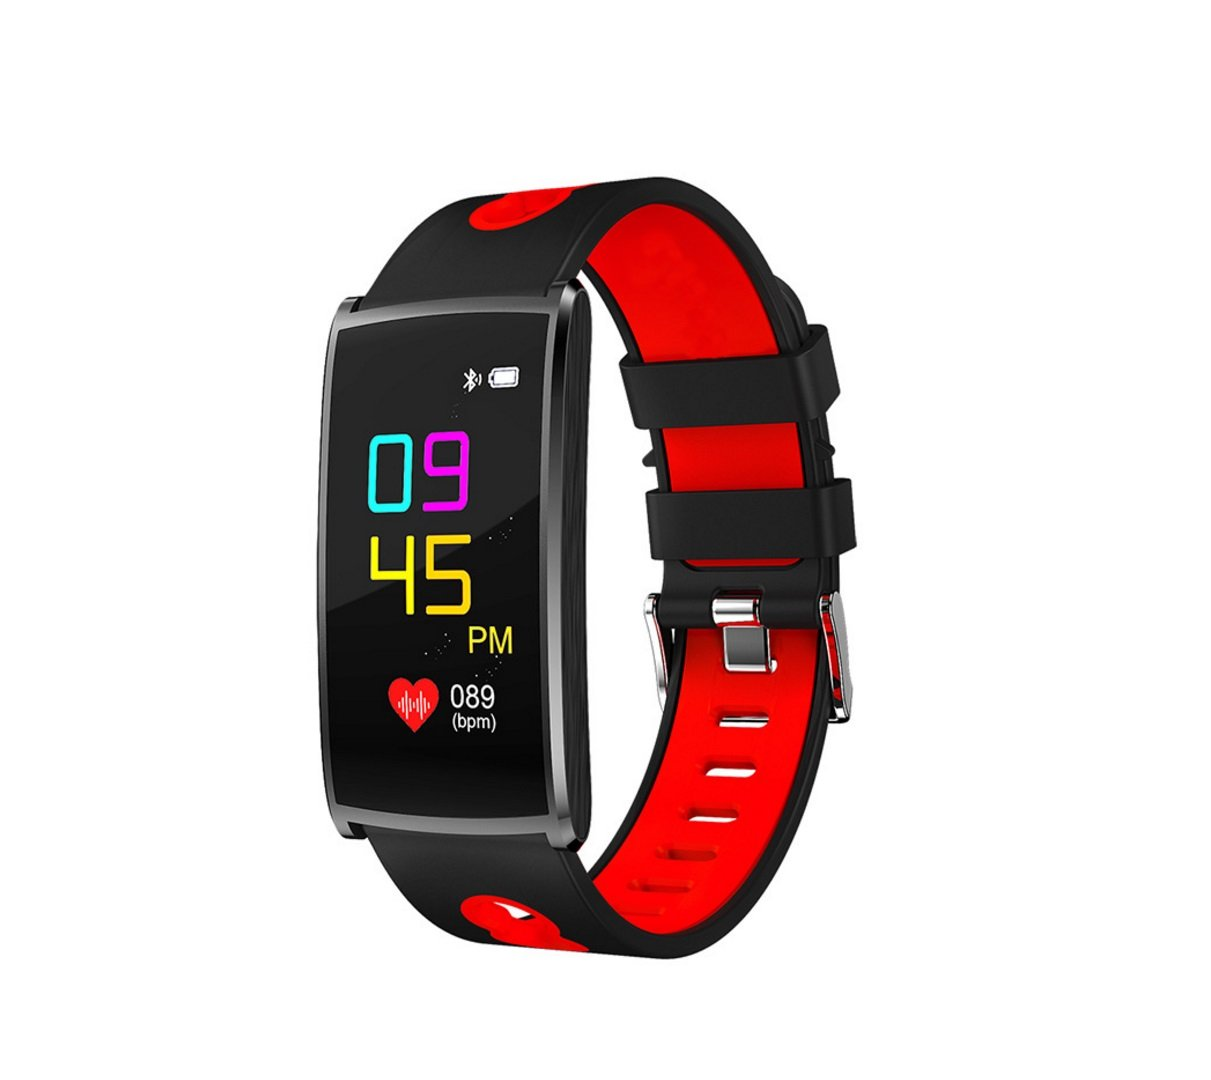 Neue Farbe Smart Armband Herzfrequenz Gesundheit Wear Fashion Farbe Wert Strap Bewegung Schritt Zähler Wasserdicht, Kalorien, Entfernung, Herzfrequenz, Schlafzeit, Foto, Blautooth 4.0 Unterstützung